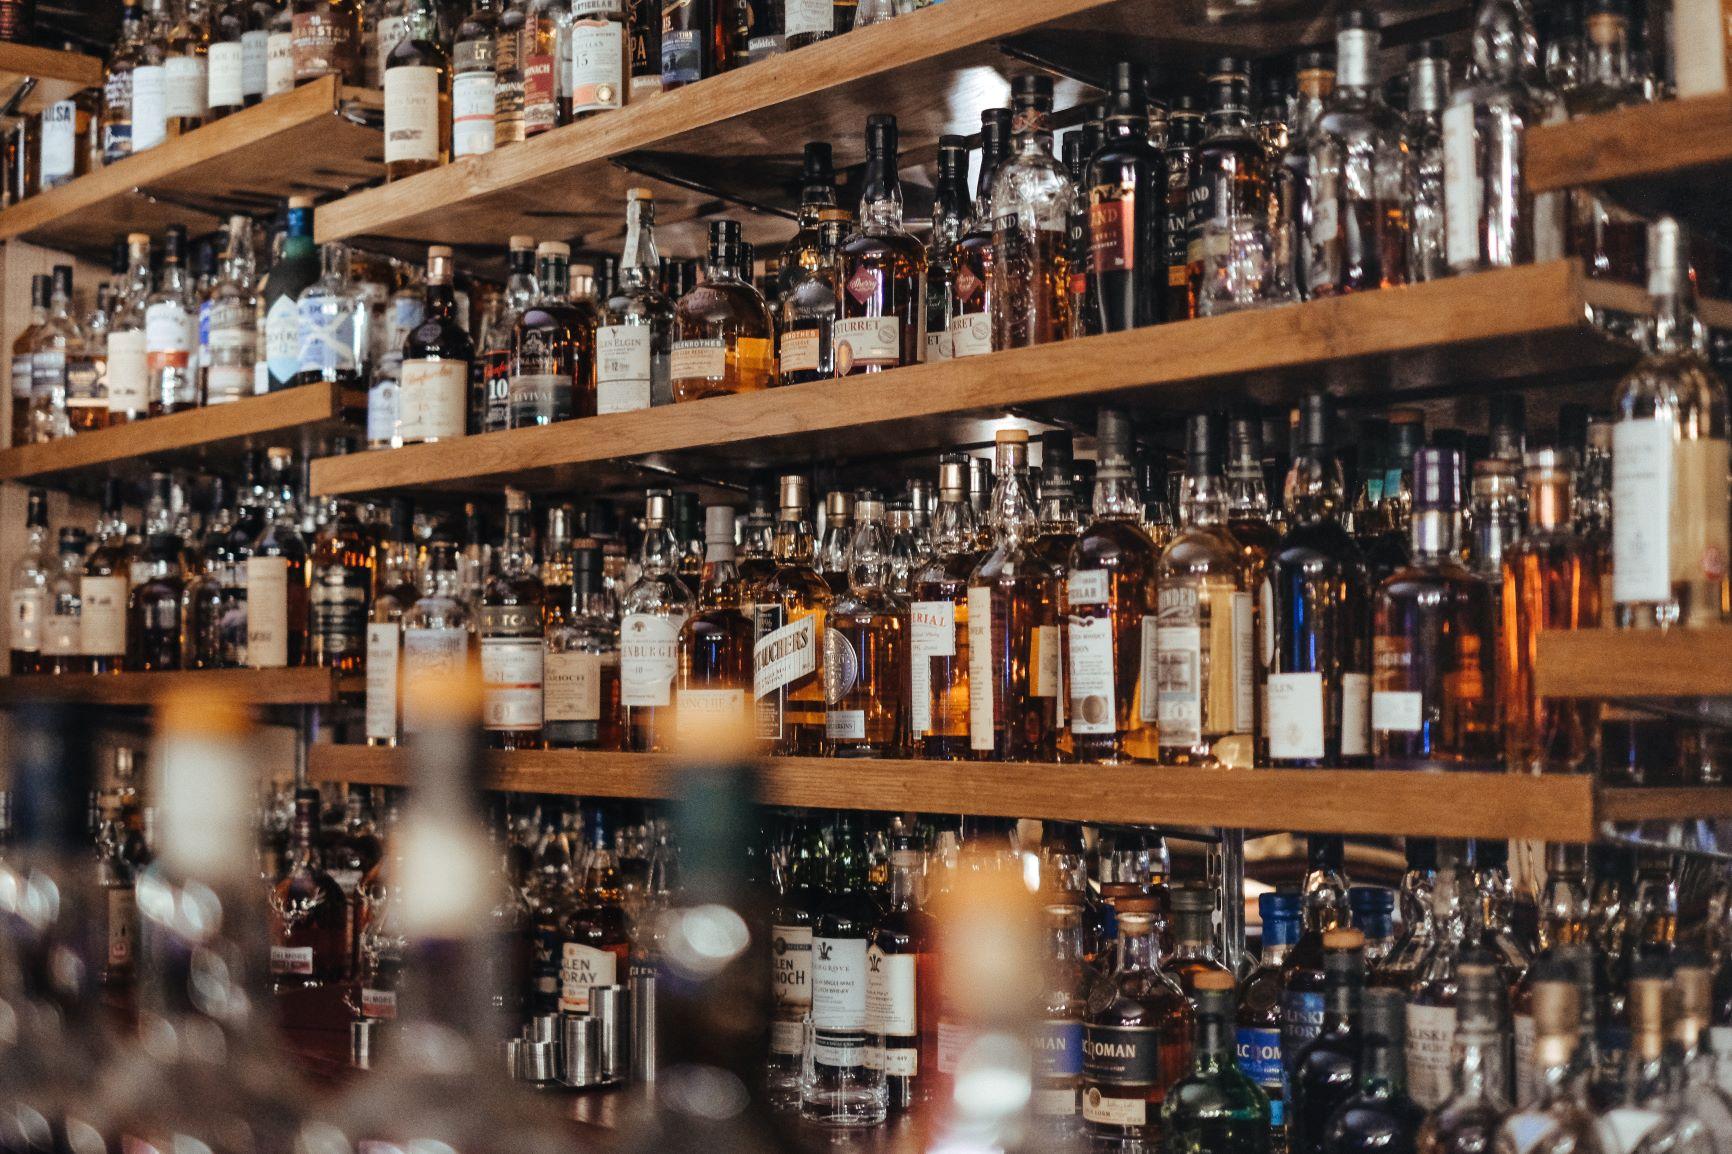 Алкогольные напитки в Украине подорожают. Каким будет экономический эффект?  - фото 1